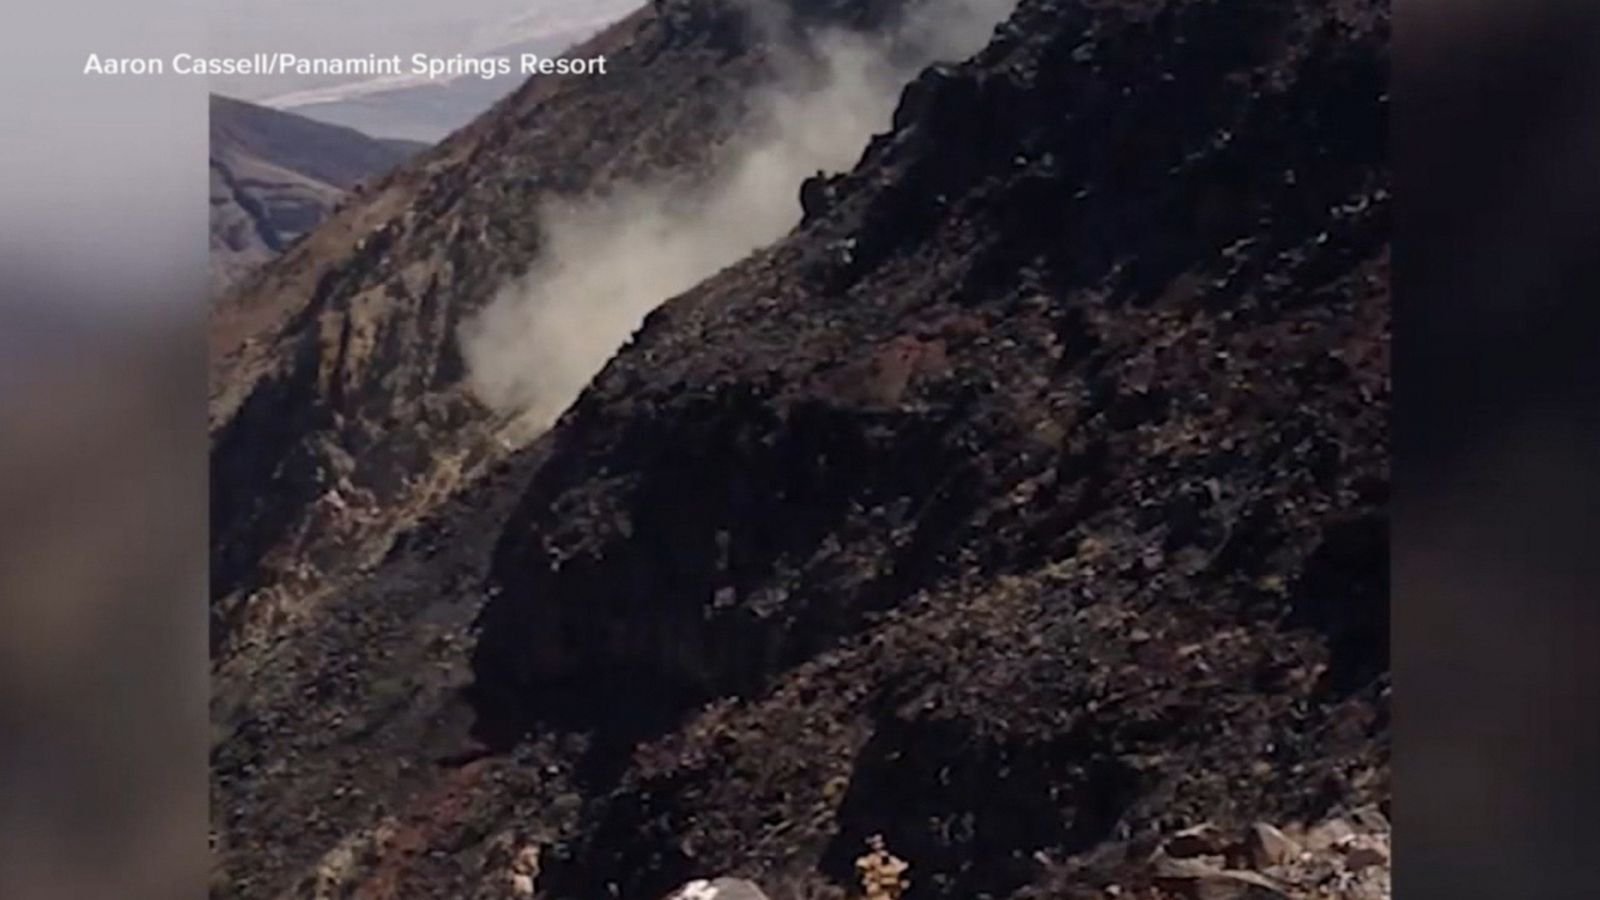 Pilot in Navy Super Hornet jet crash identified as Lt